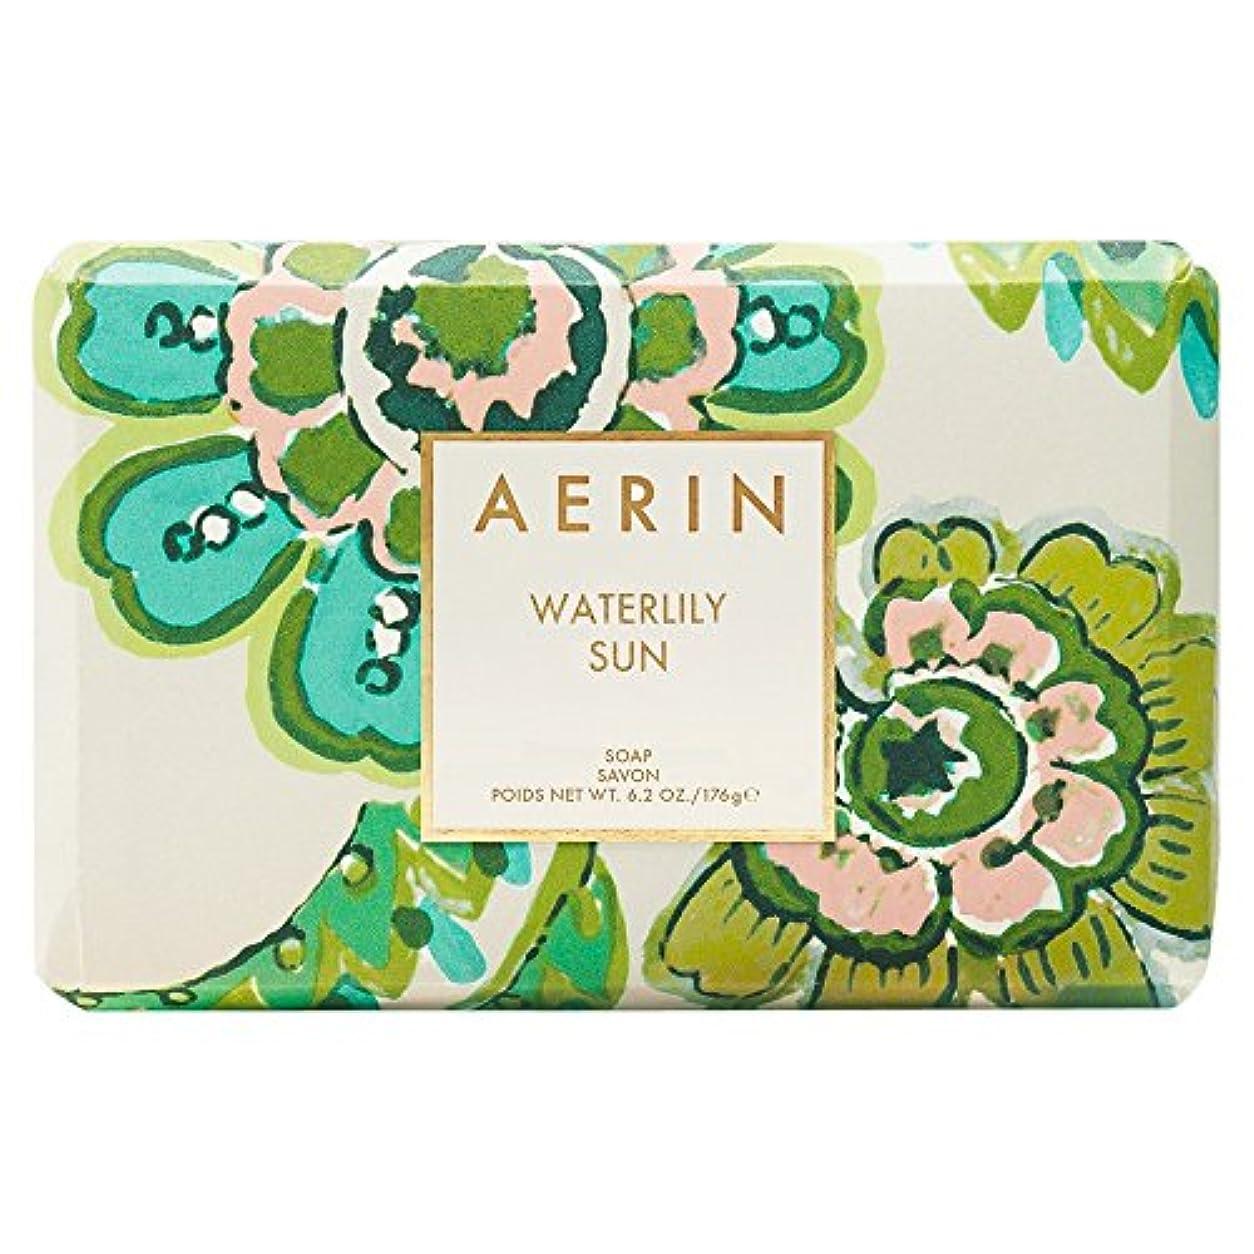 早める耳カポックAerinスイレン日石鹸176グラム (AERIN) (x2) - AERIN Waterlily Sun Soap 176g (Pack of 2) [並行輸入品]